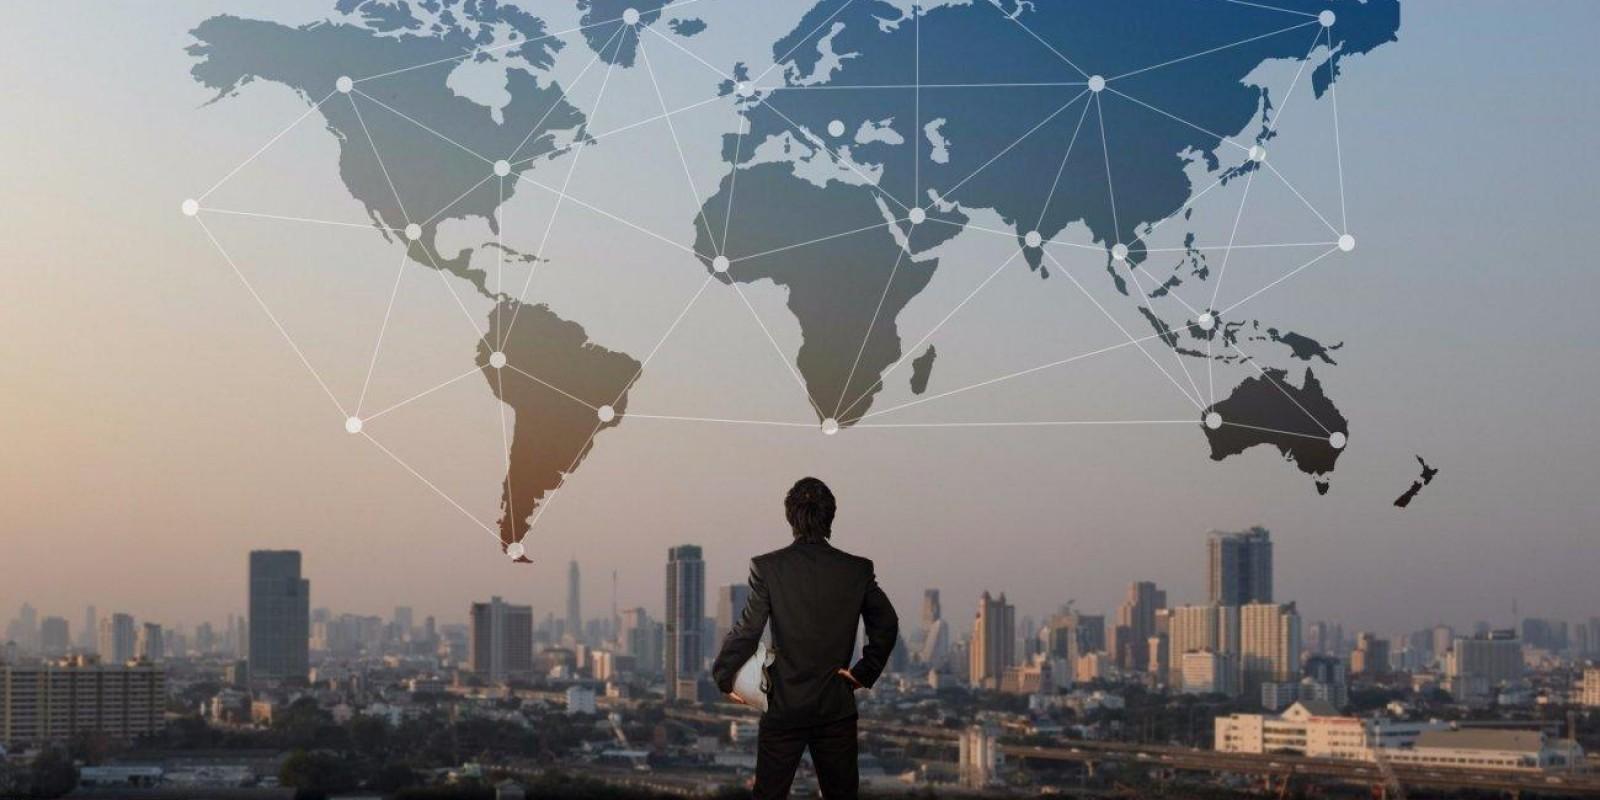 Capacitação do empresário: como se tornar um empreendedor de sucesso